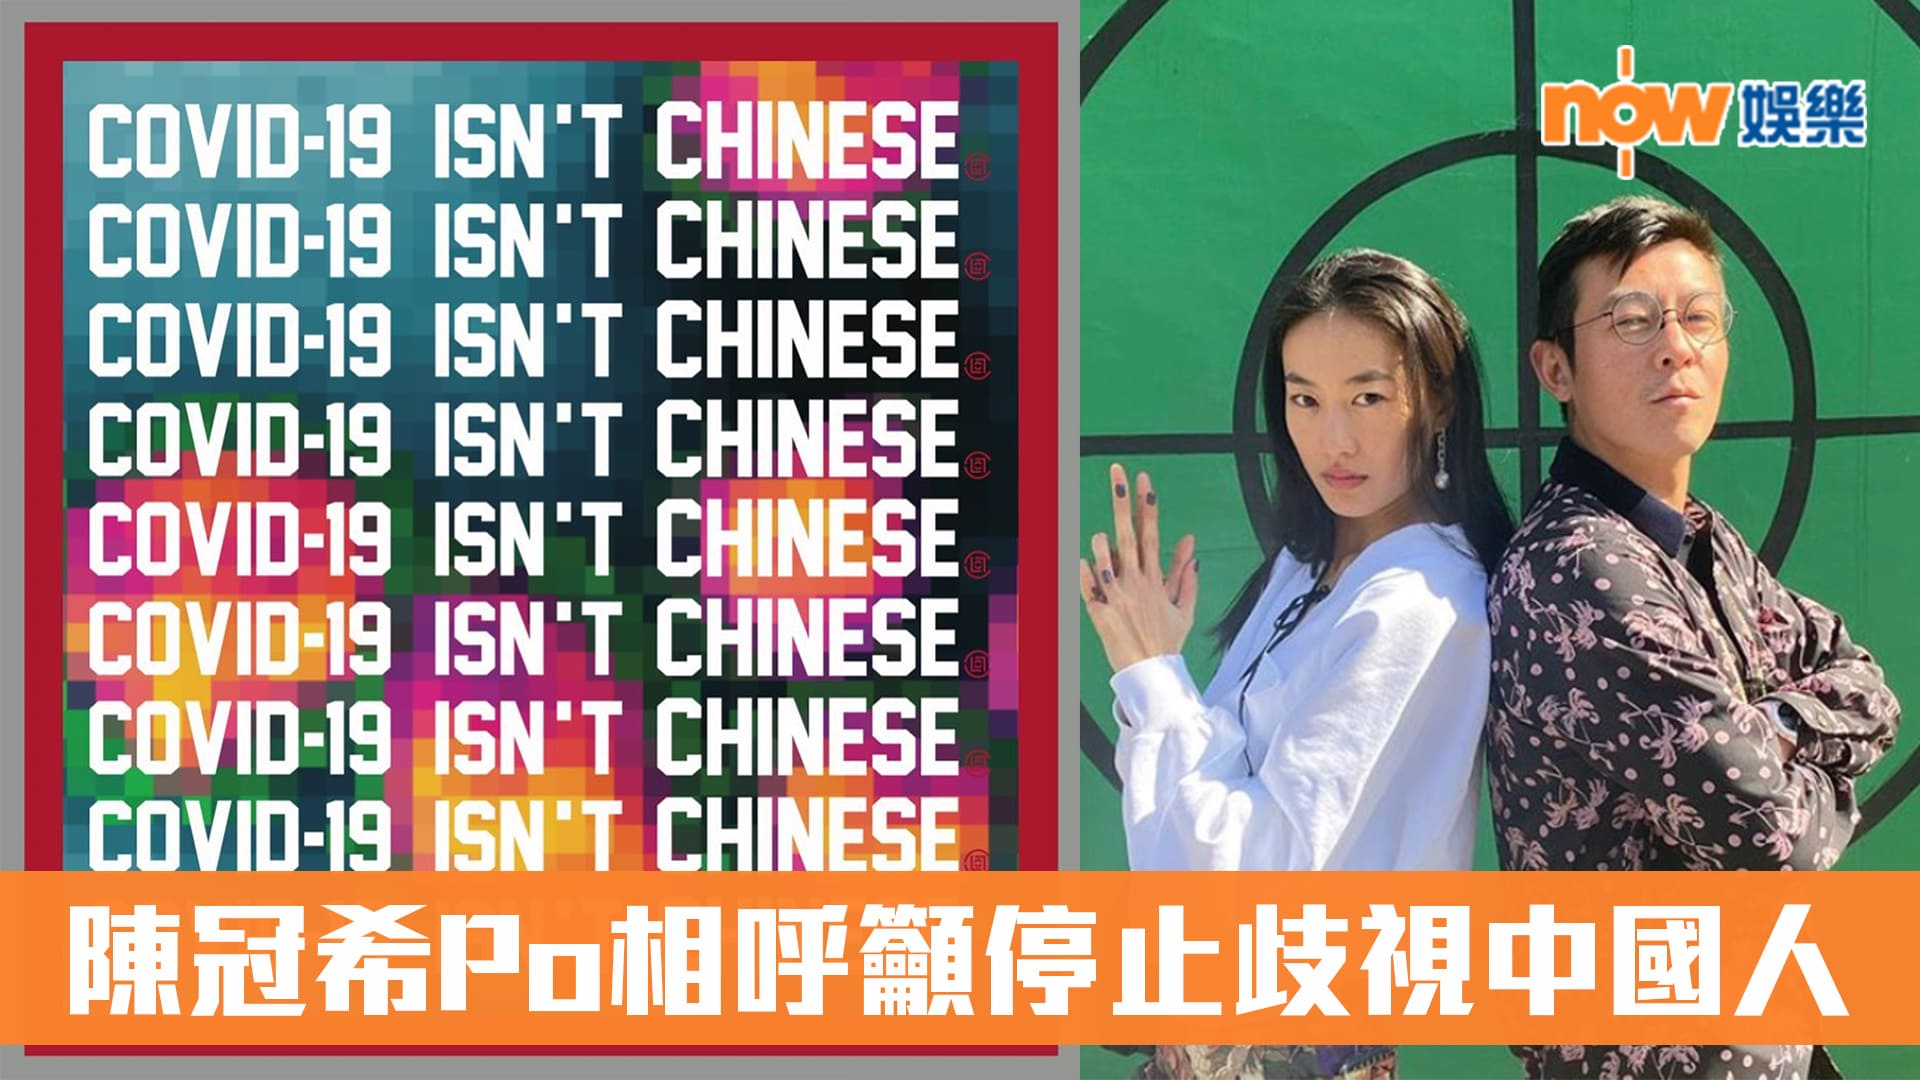 陳冠希Po相呼籲停止歧視中國人:COVID-19是全球問題